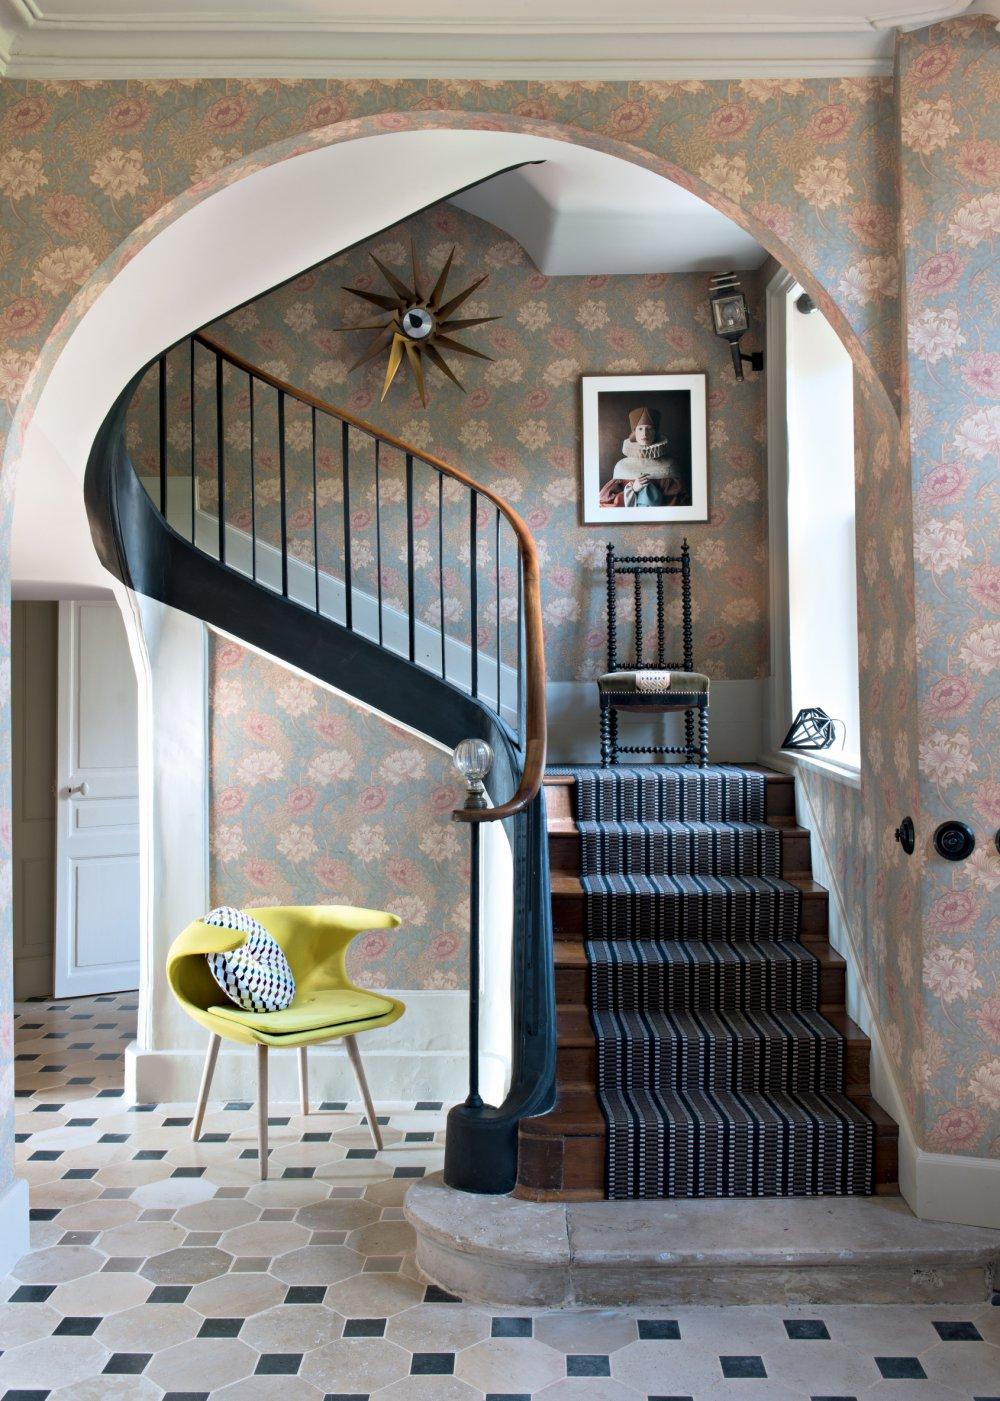 lieu de passage la cage d escalier injustement negligee merite la meme attention que toutes les autres pieces pour sa decoration